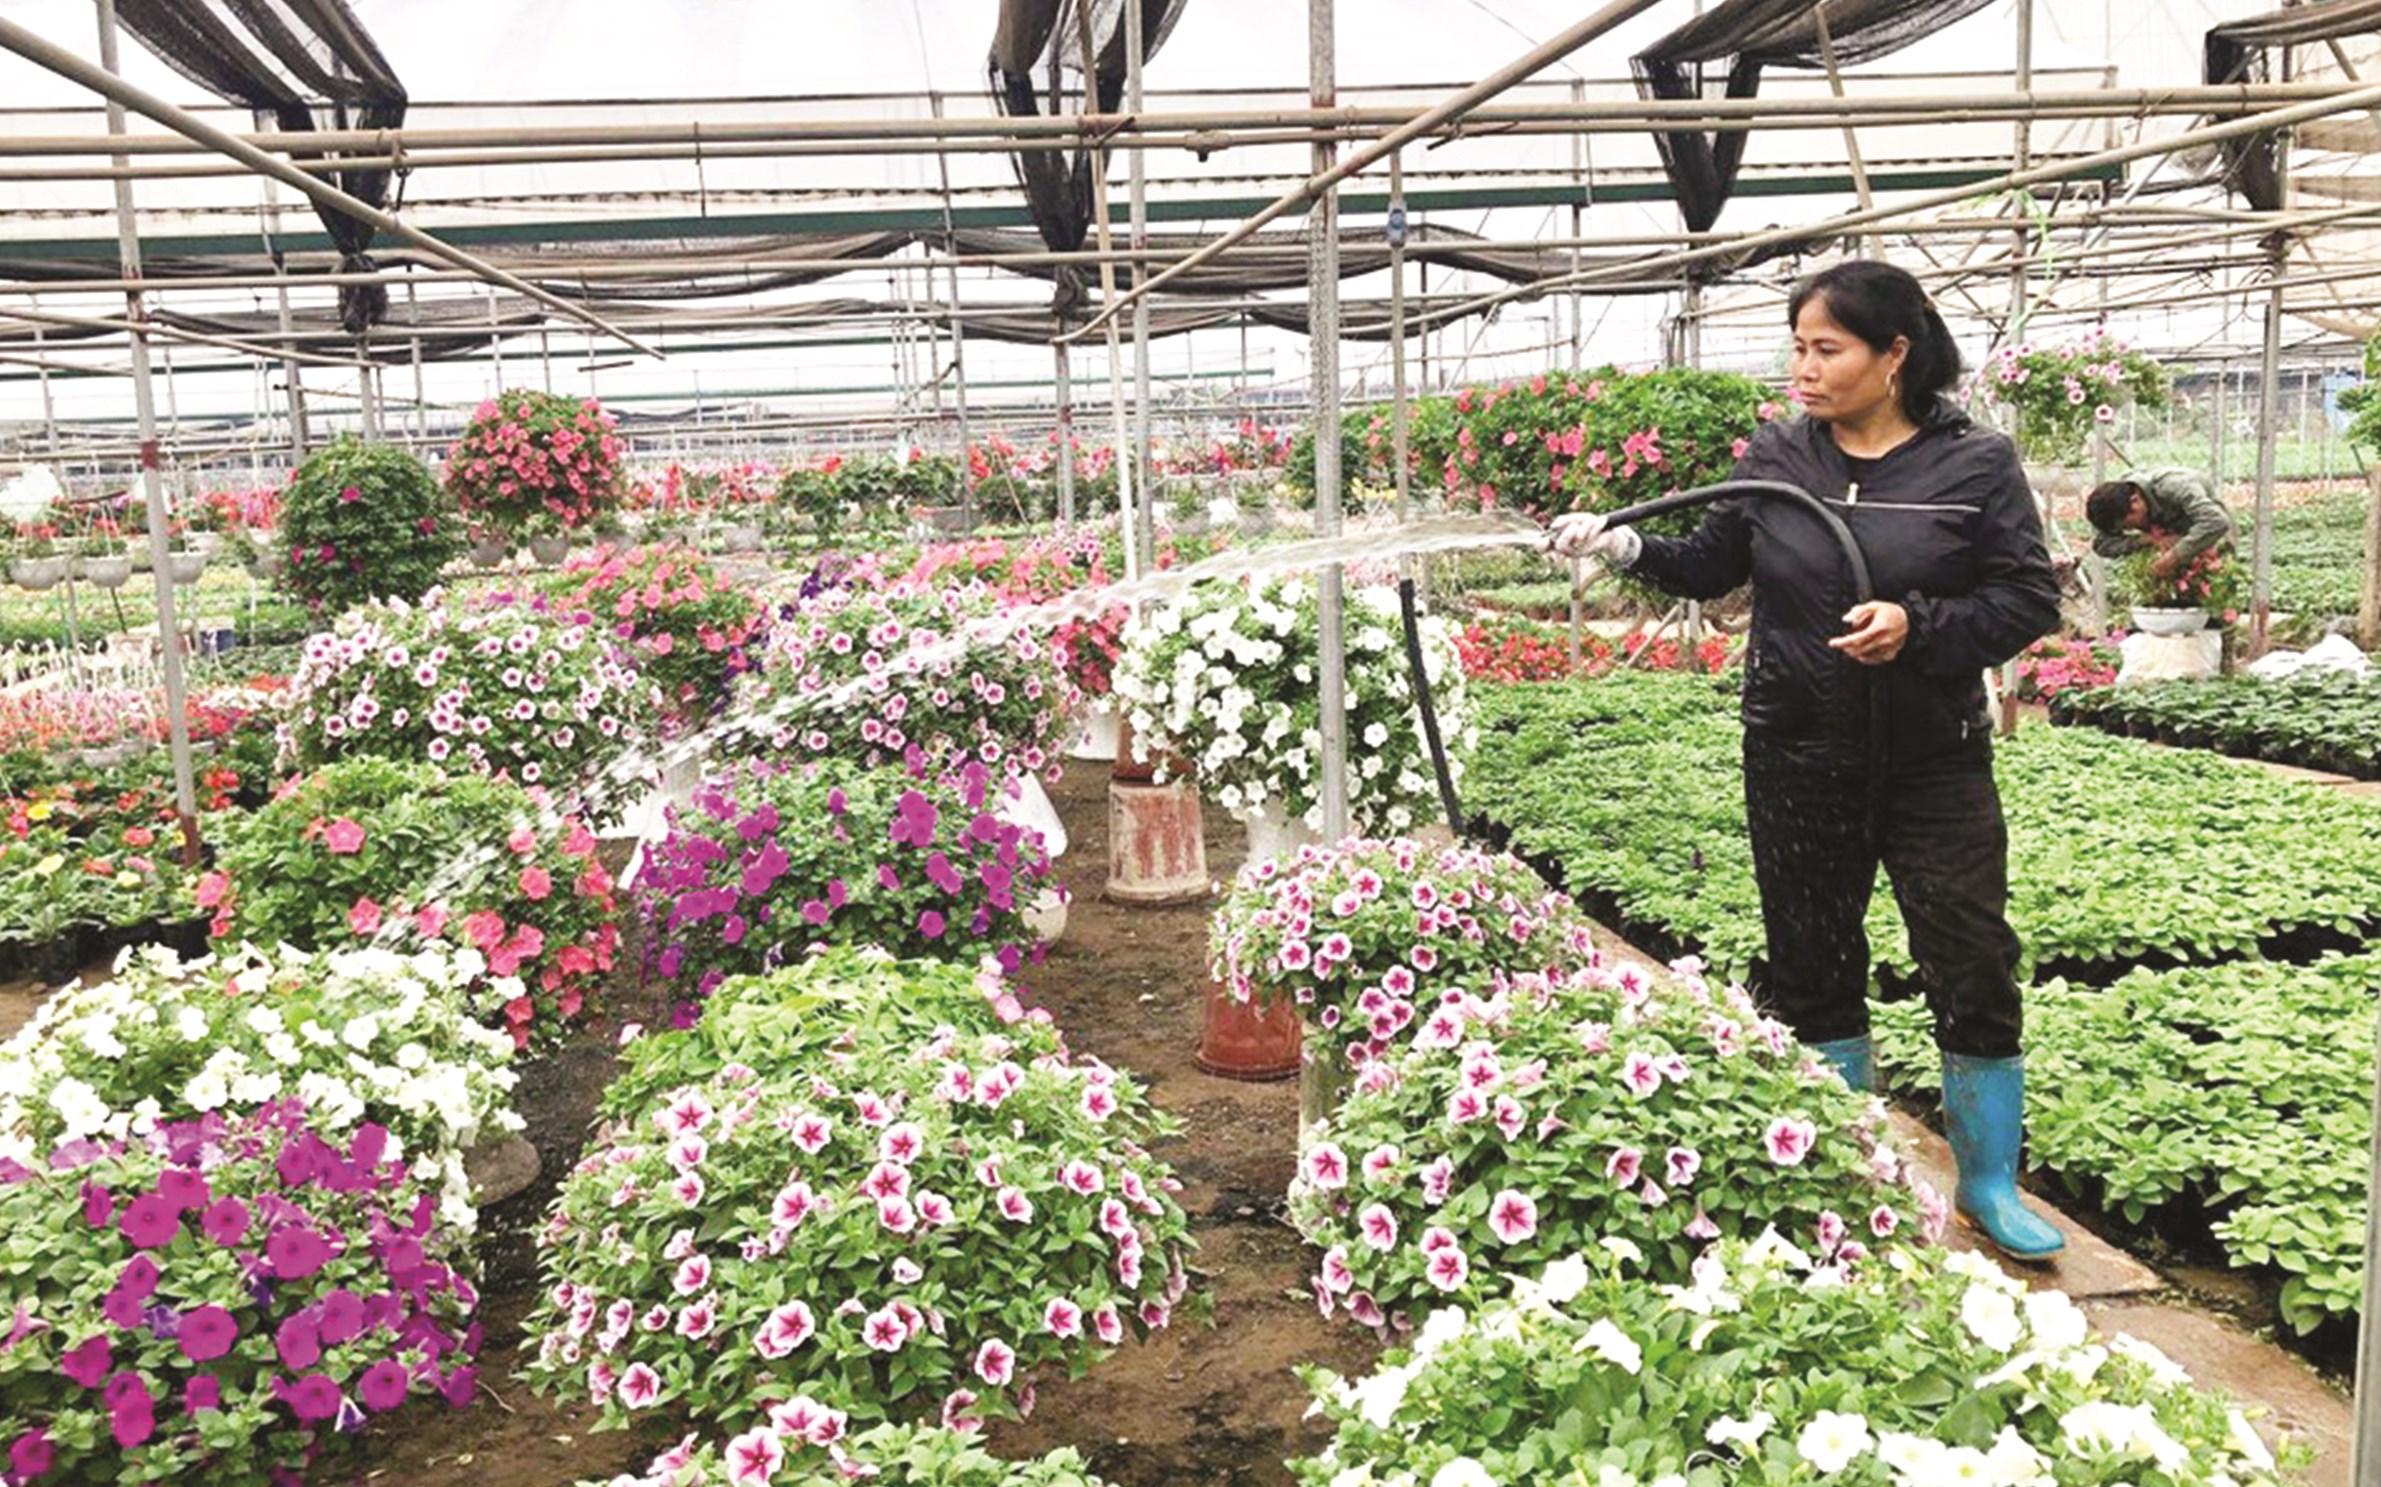 Bảo đảm điện, nước giúp người dân Xuân Quan nâng cao thu nhập từ trồng hoa